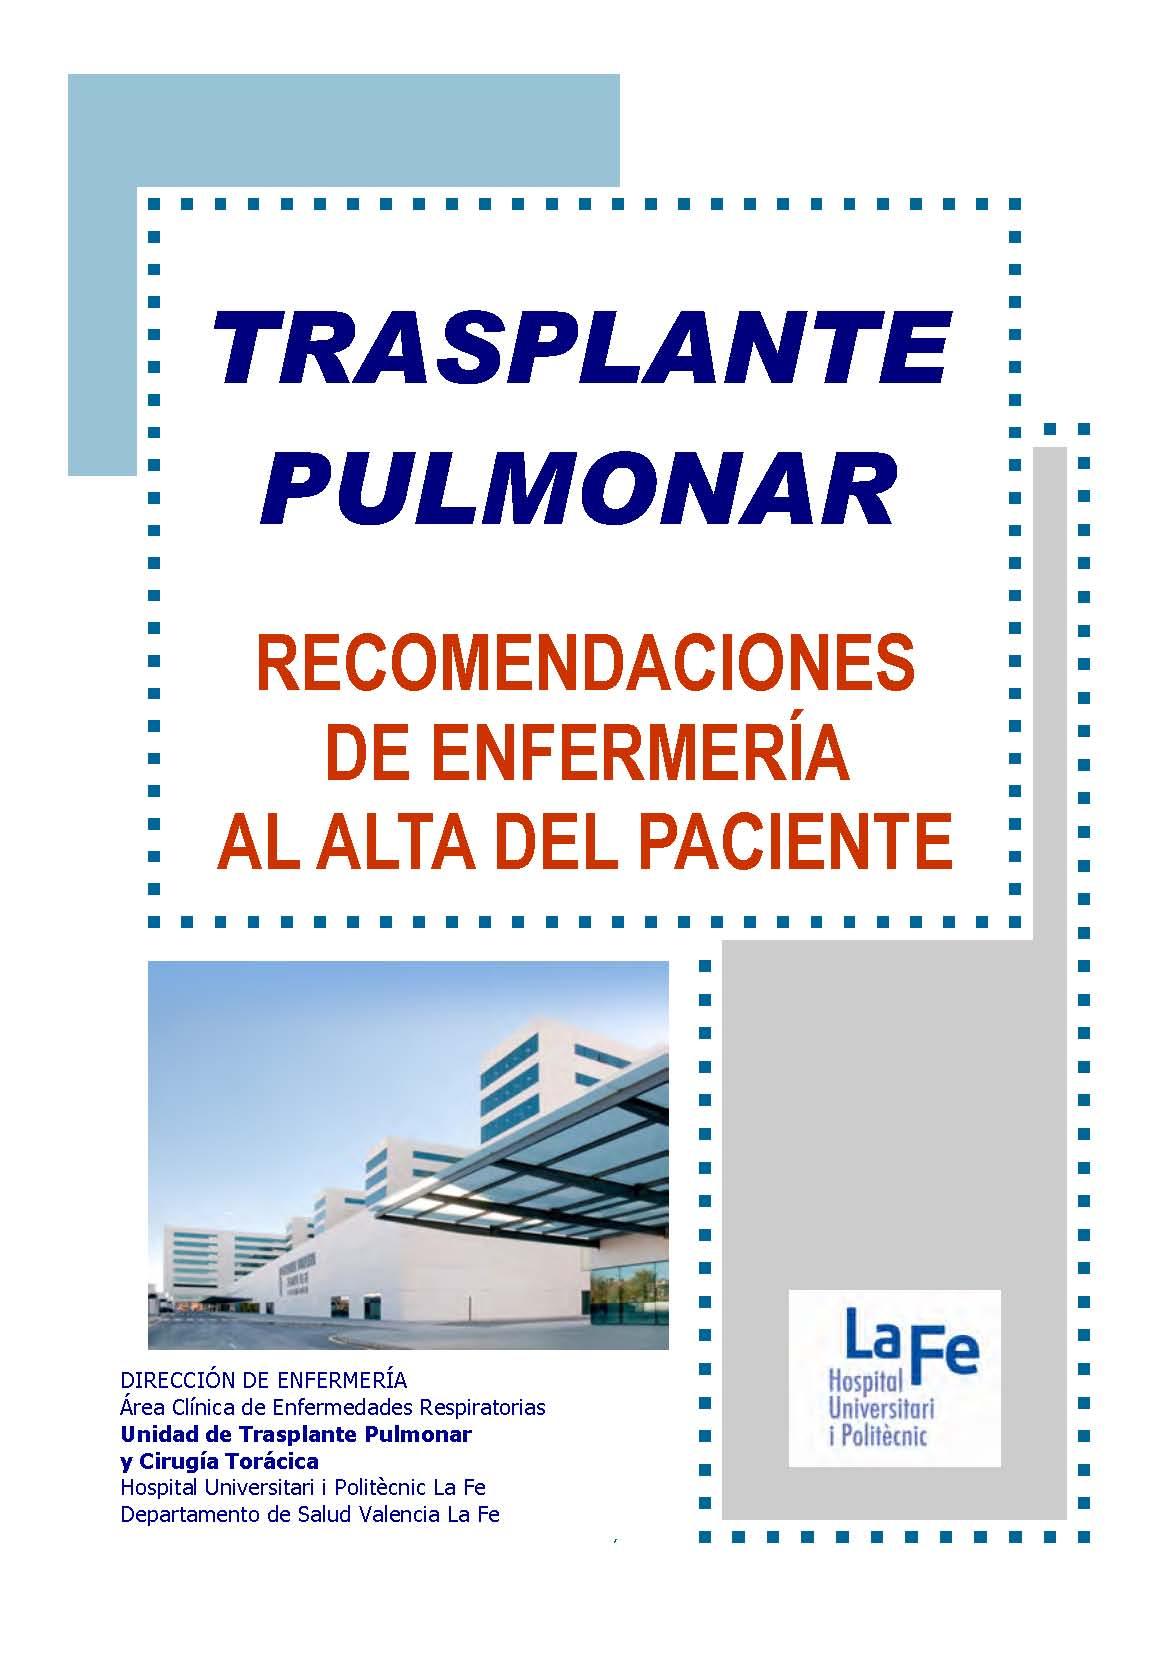 Cartel Recomendaciones Trasplante Pulmonar